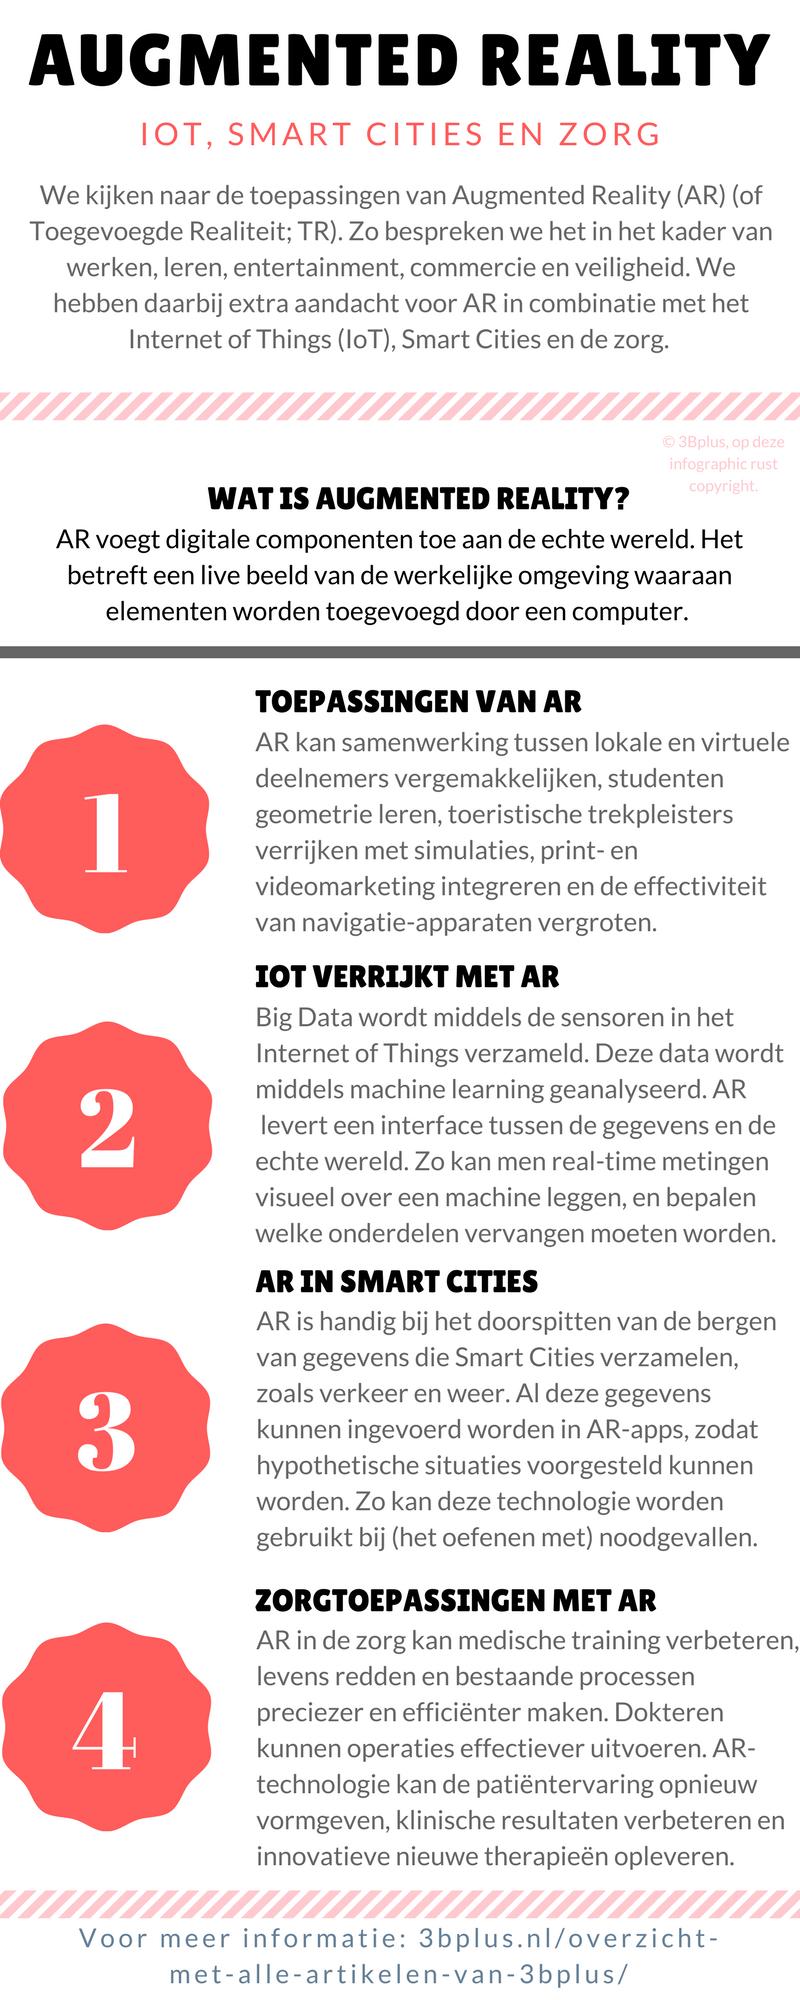 Infographic: AR in IoT, Smart Cities en de zorg